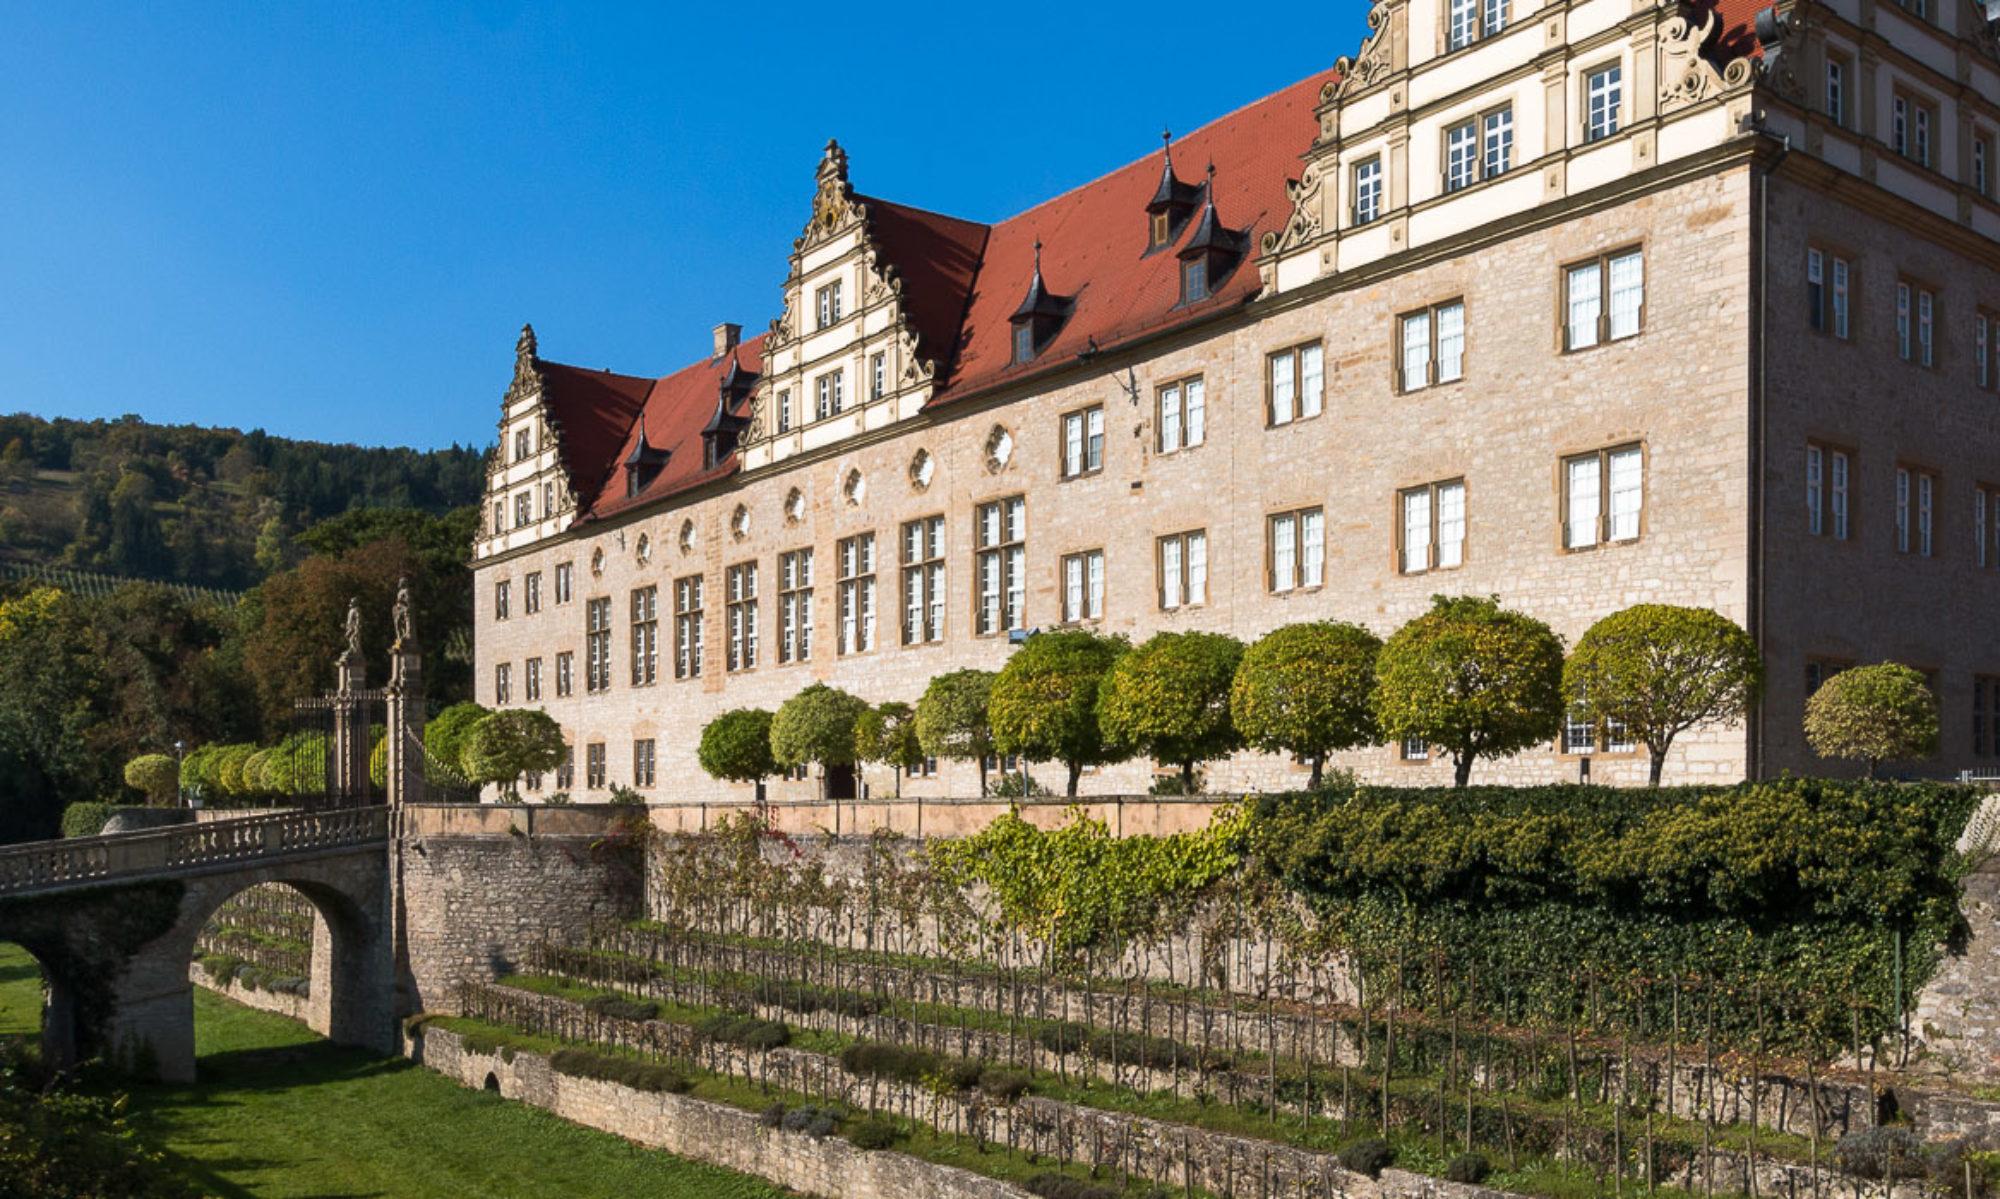 Piping und Drumming School auf Schloss Weikersheim